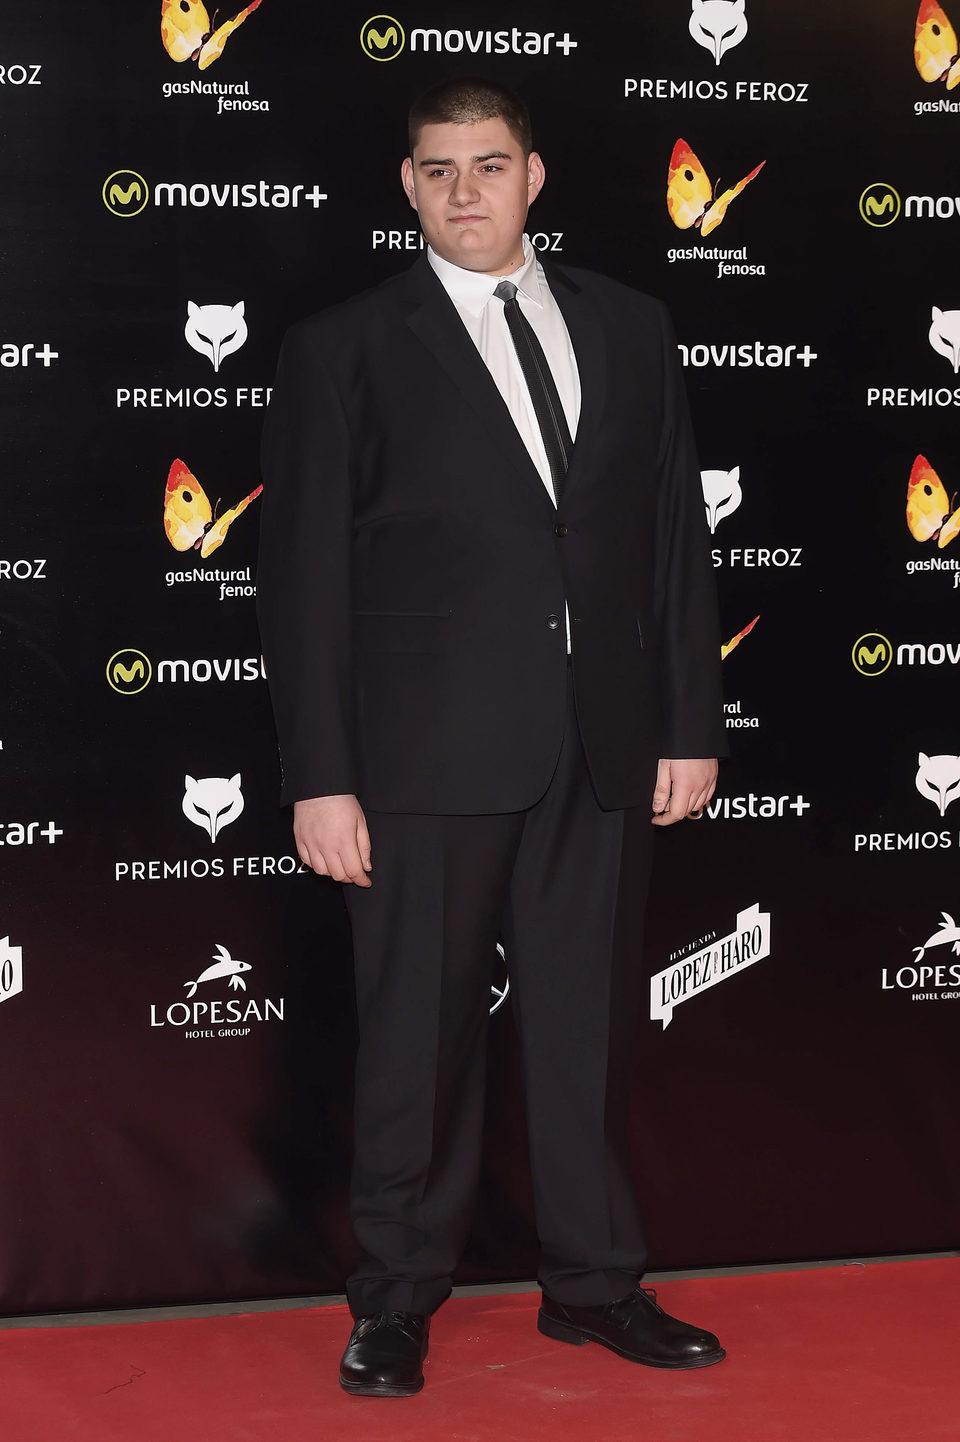 Antonio Bachiller en la alfombra roja de los premios Feroz 2016